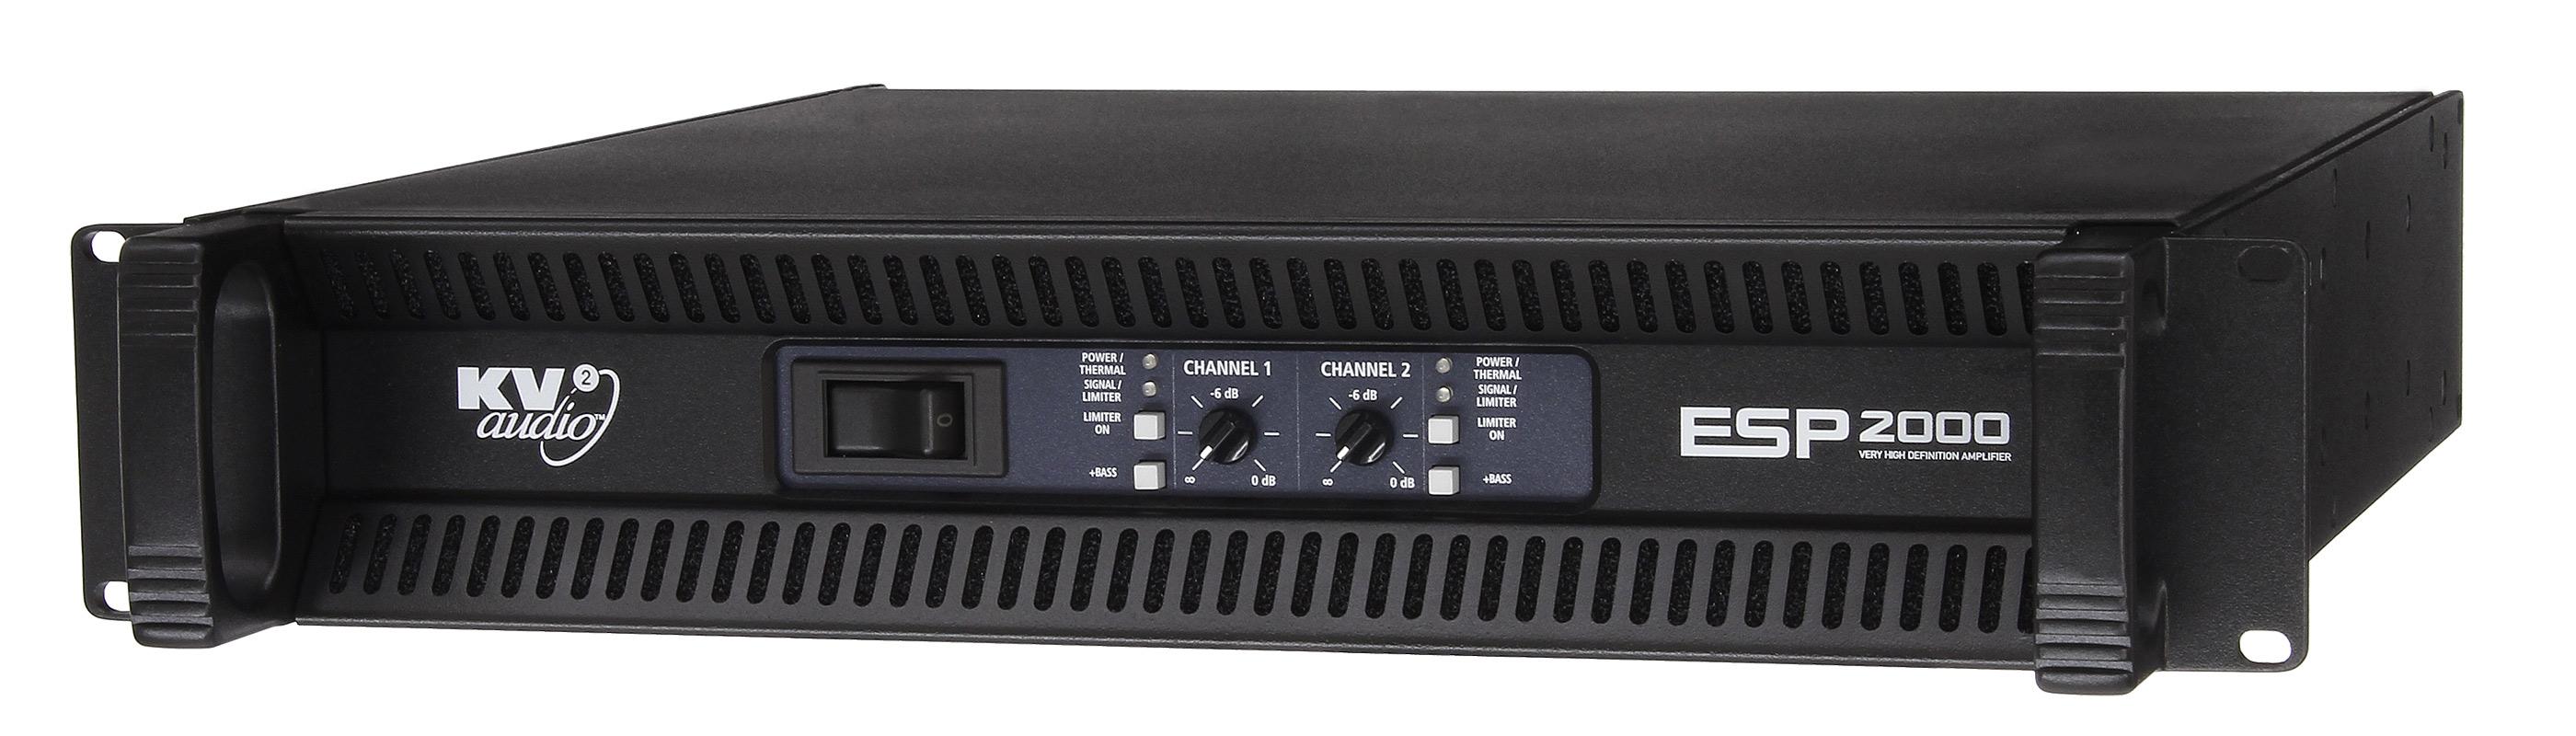 KV2 Audio ESP 2000